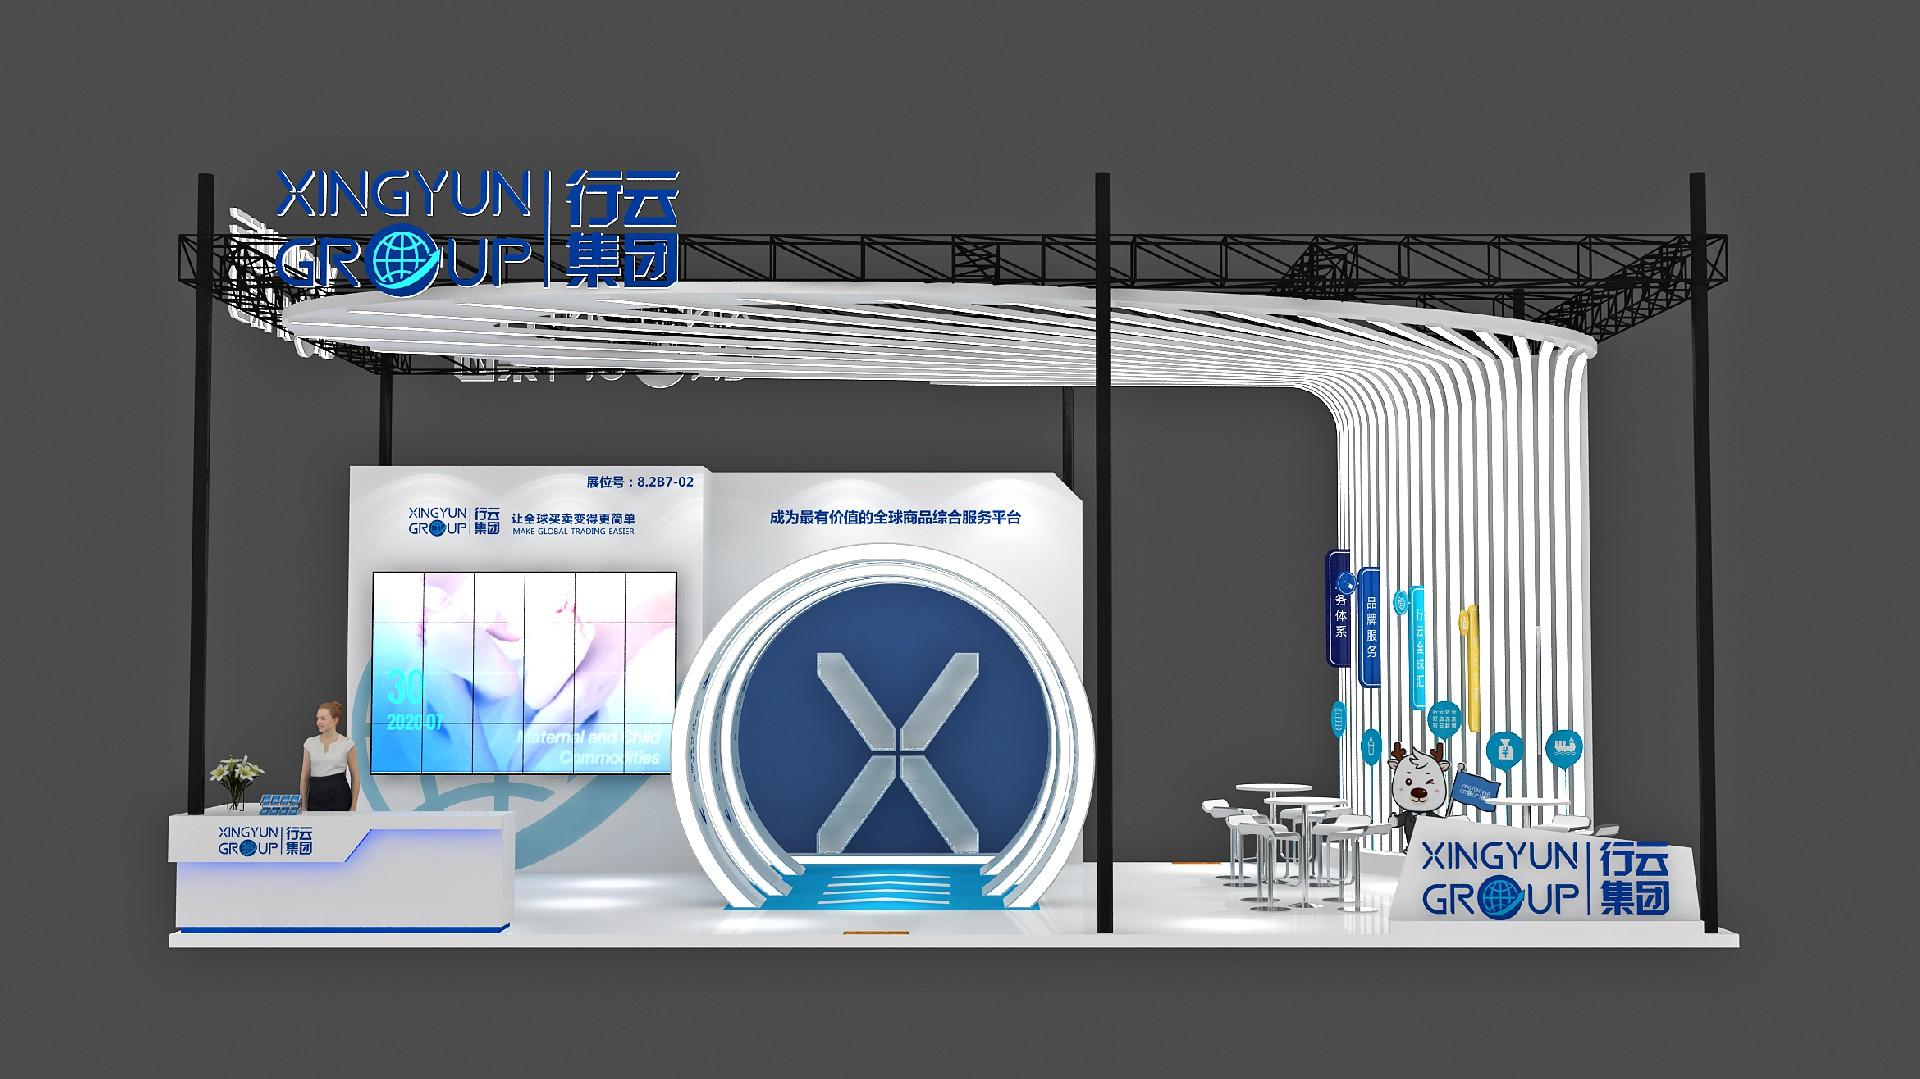 行云集团-2020年第三届进博会展台案例